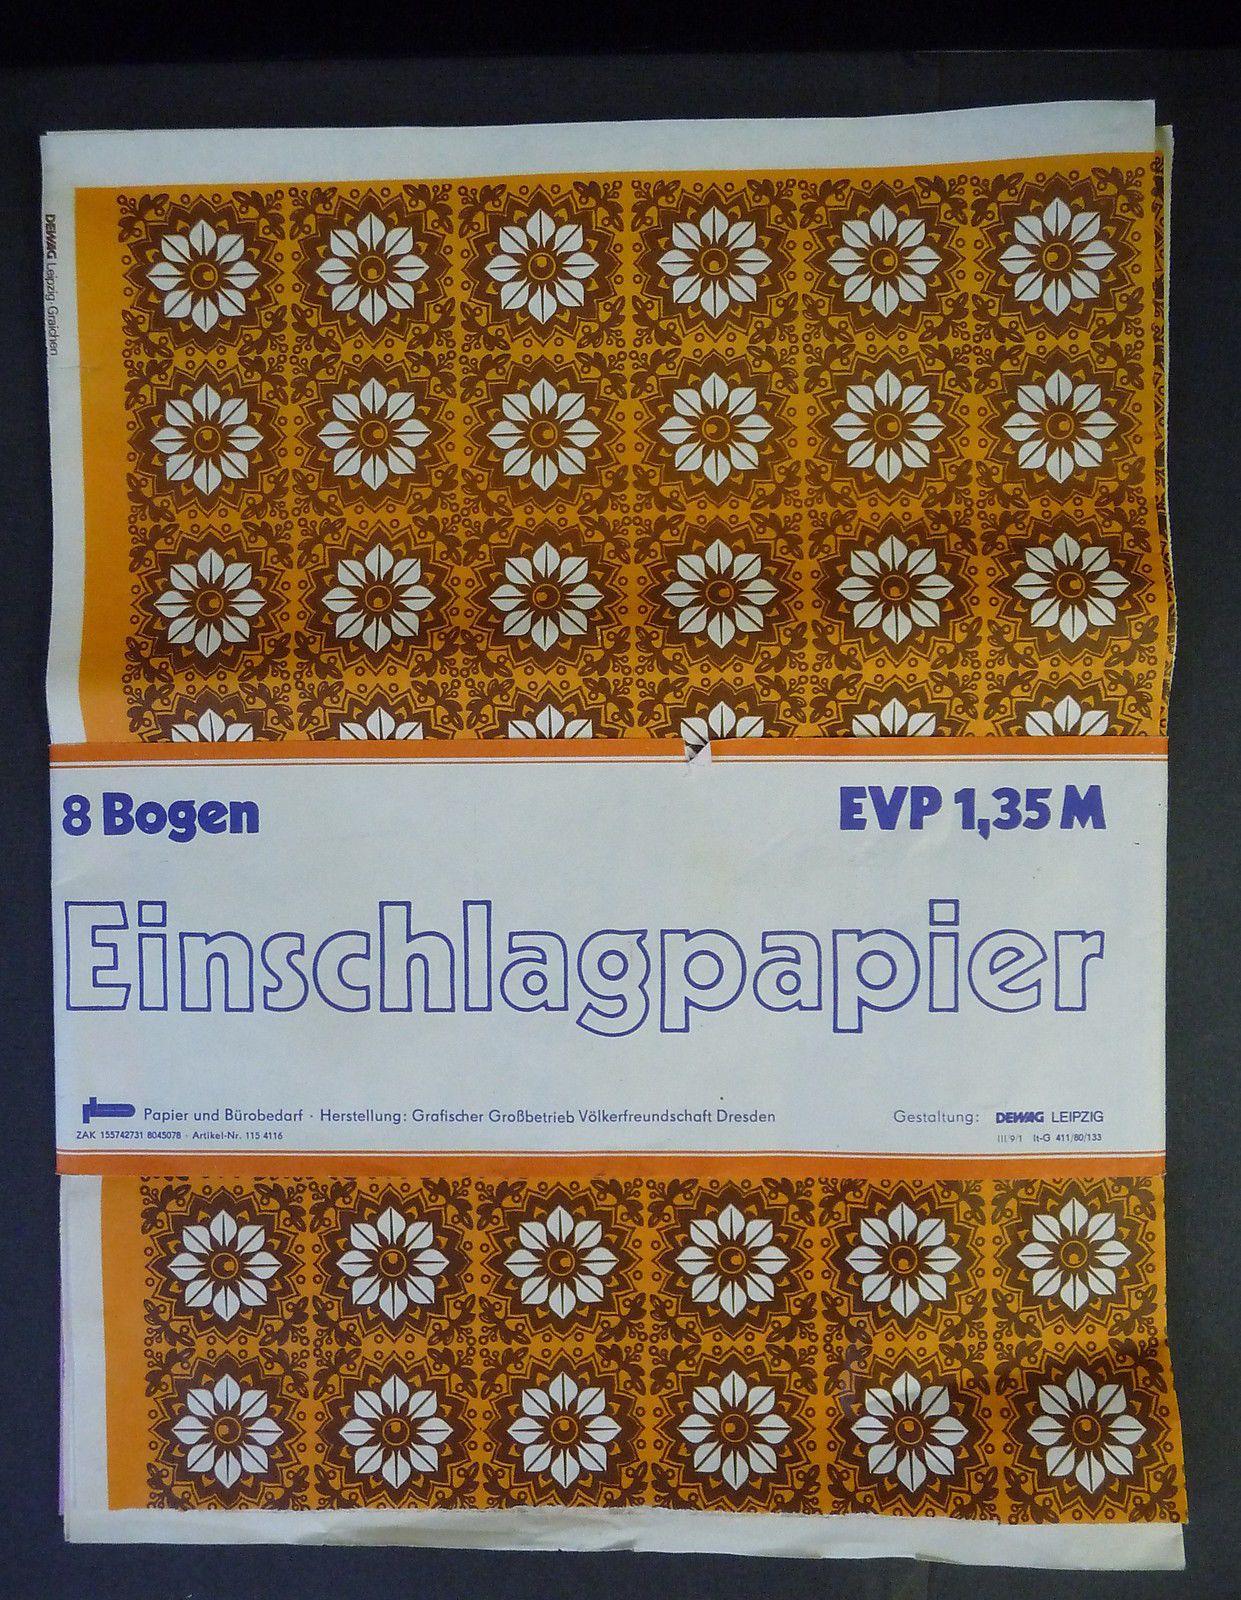 Einschlagpapier Geschenkpapier DDR 5 Bögen 3 Muster ca. 1970 • EUR 19,90 - PicClick DE